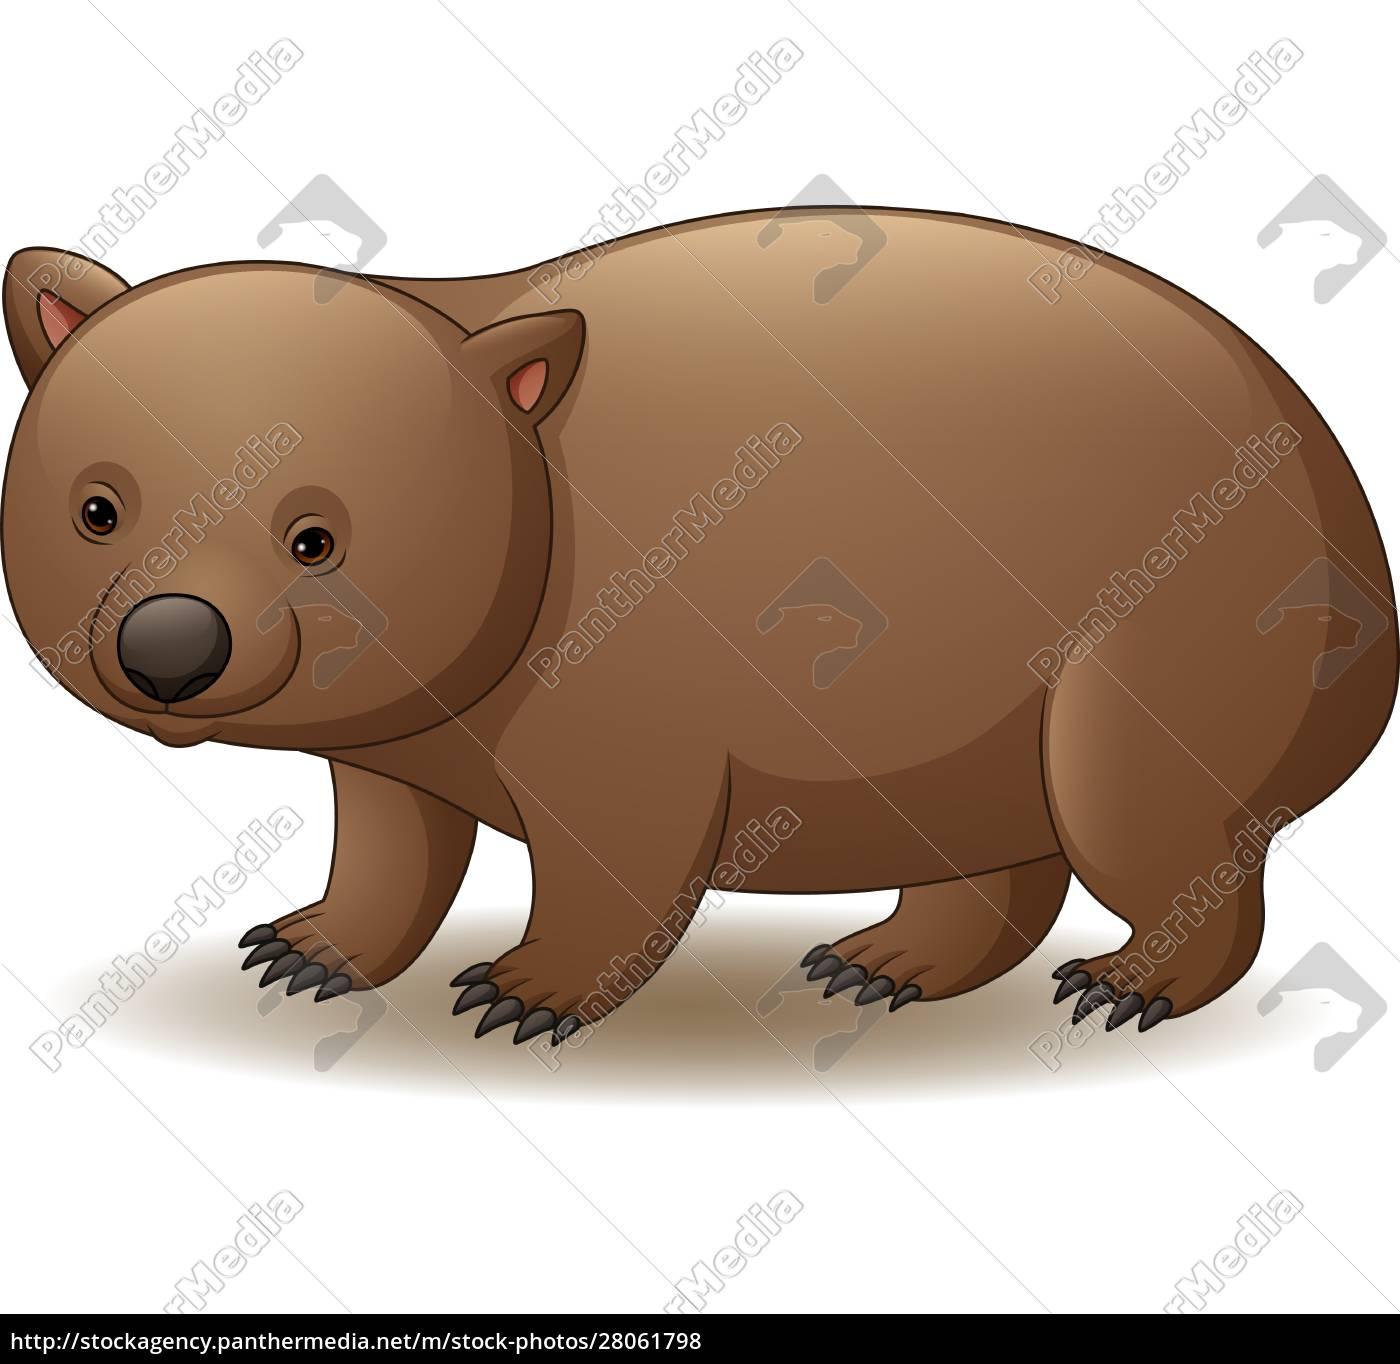 illustration, of, wombat, isolated, on, white - 28061798